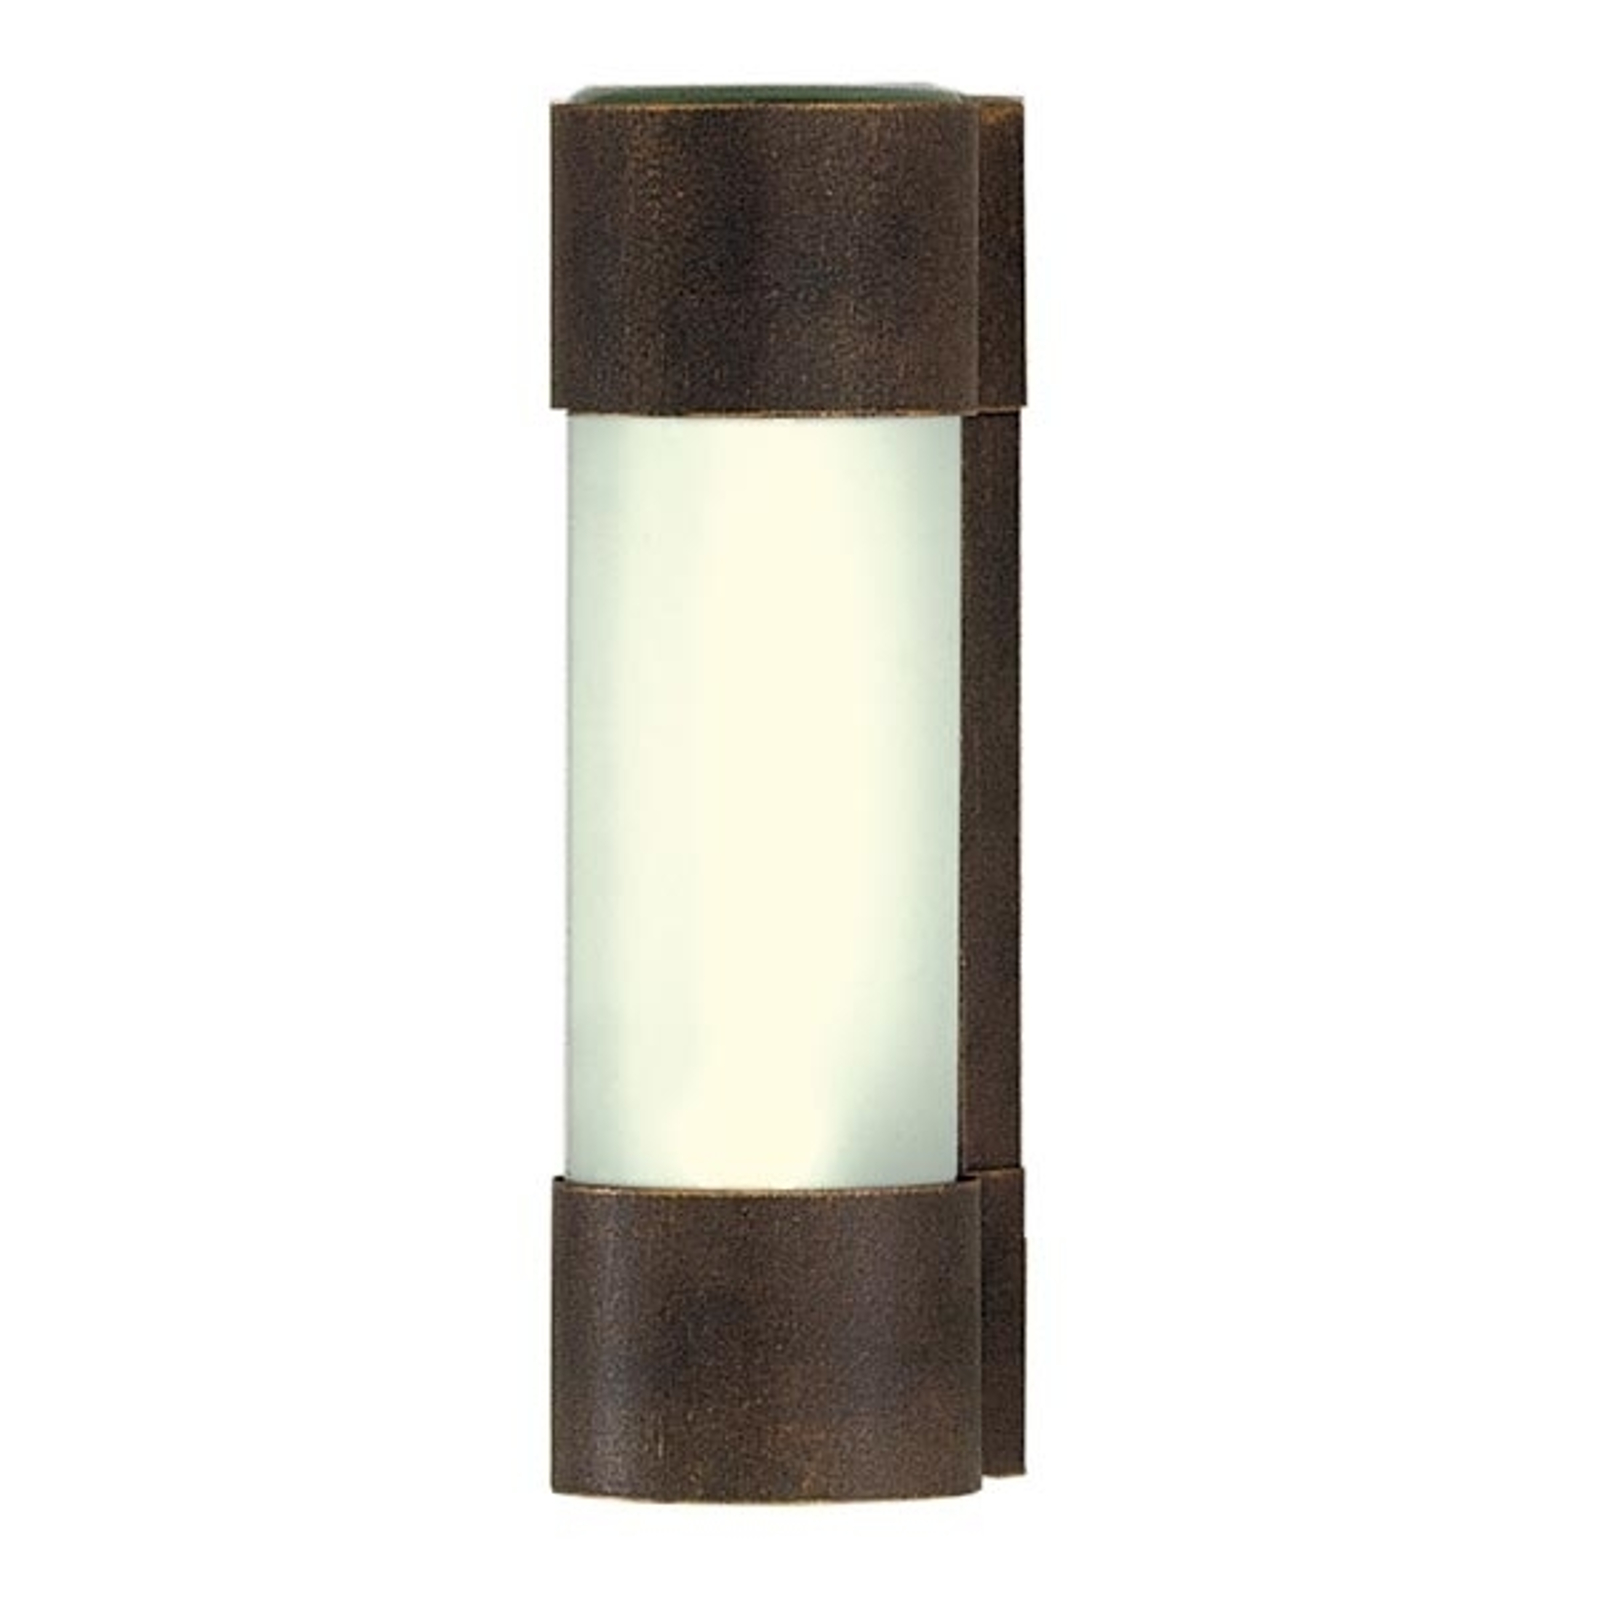 Produktové foto Heibi Nástěnné světlo NEPTO hnědá / zlatá patina